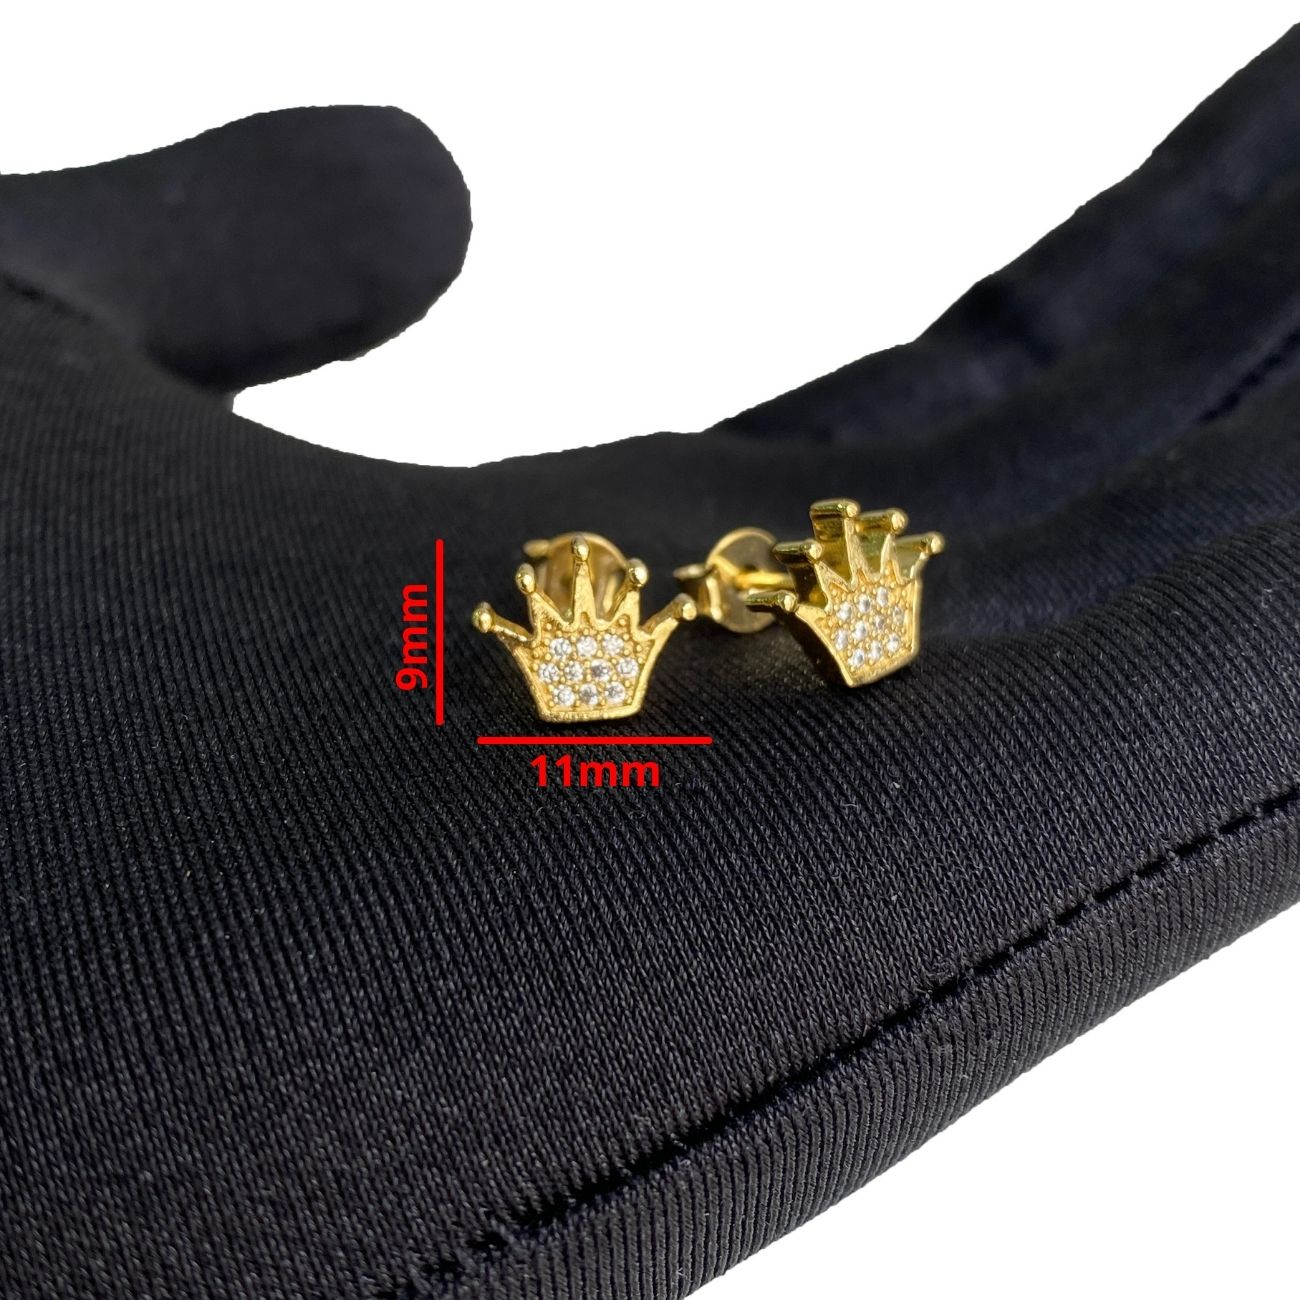 Brinco Coroa Cravado com Perdas de  Zircônia (Banho Ouro 24k)